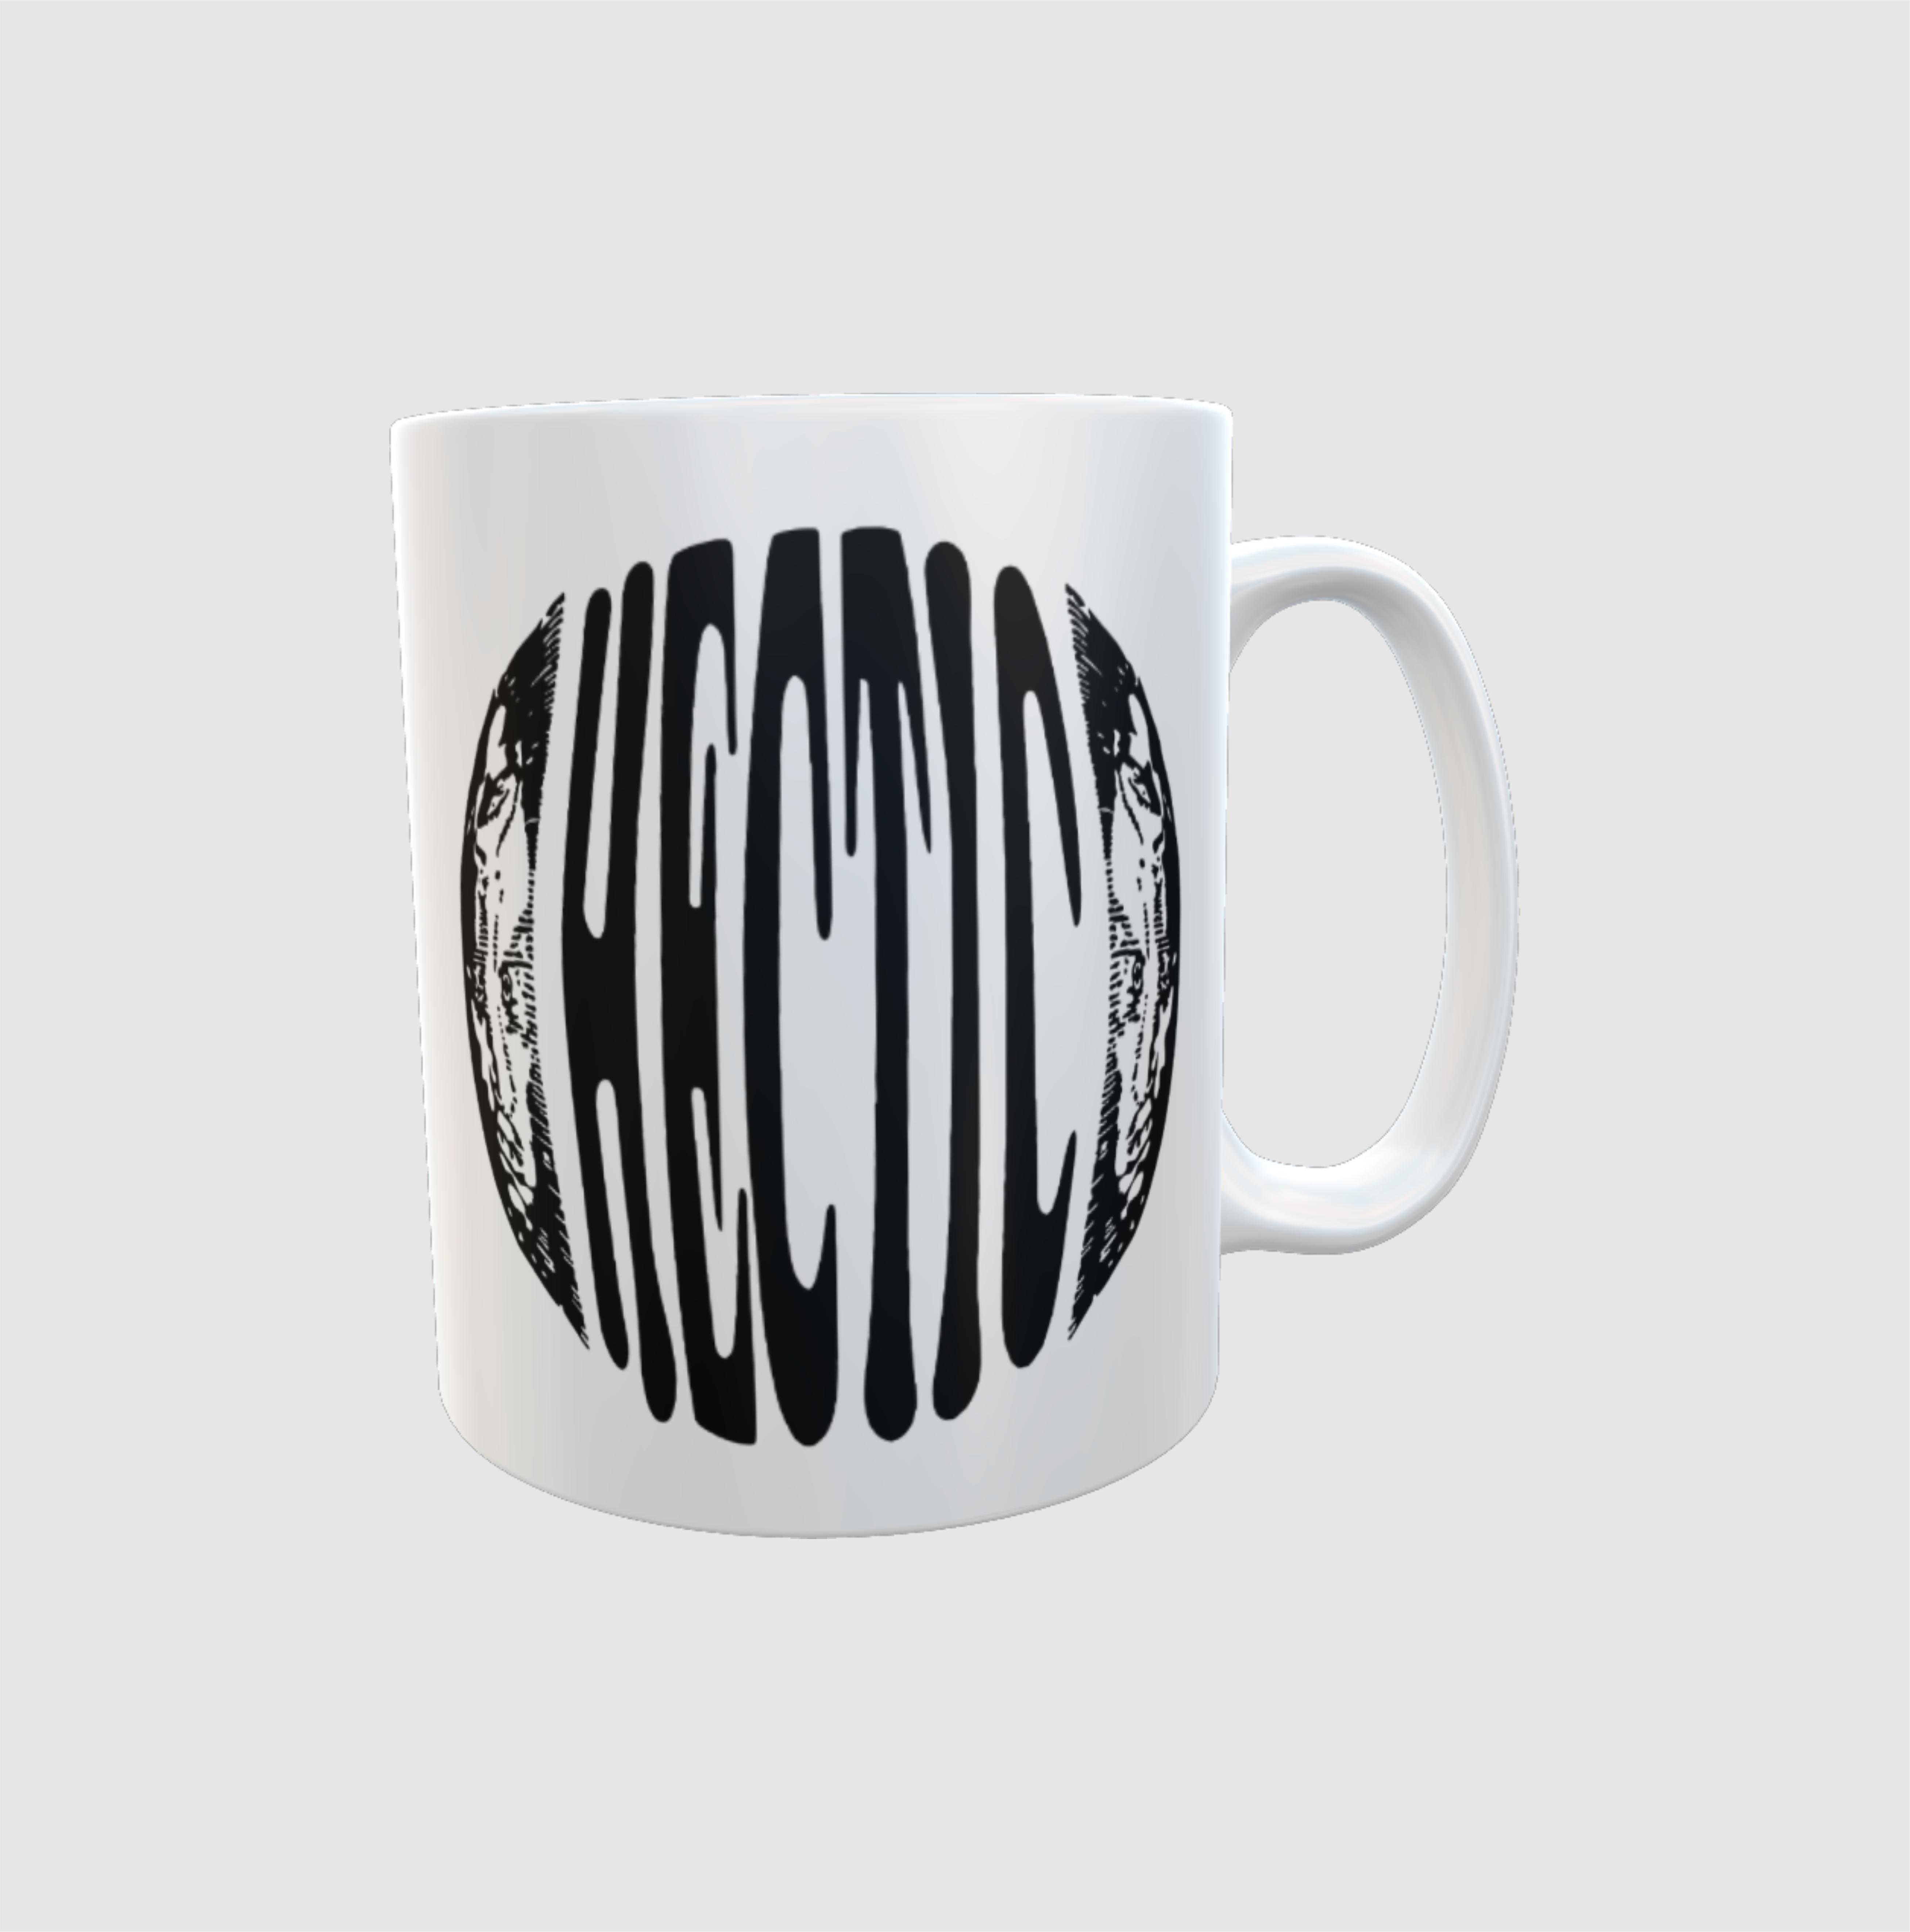 Hectic Mug